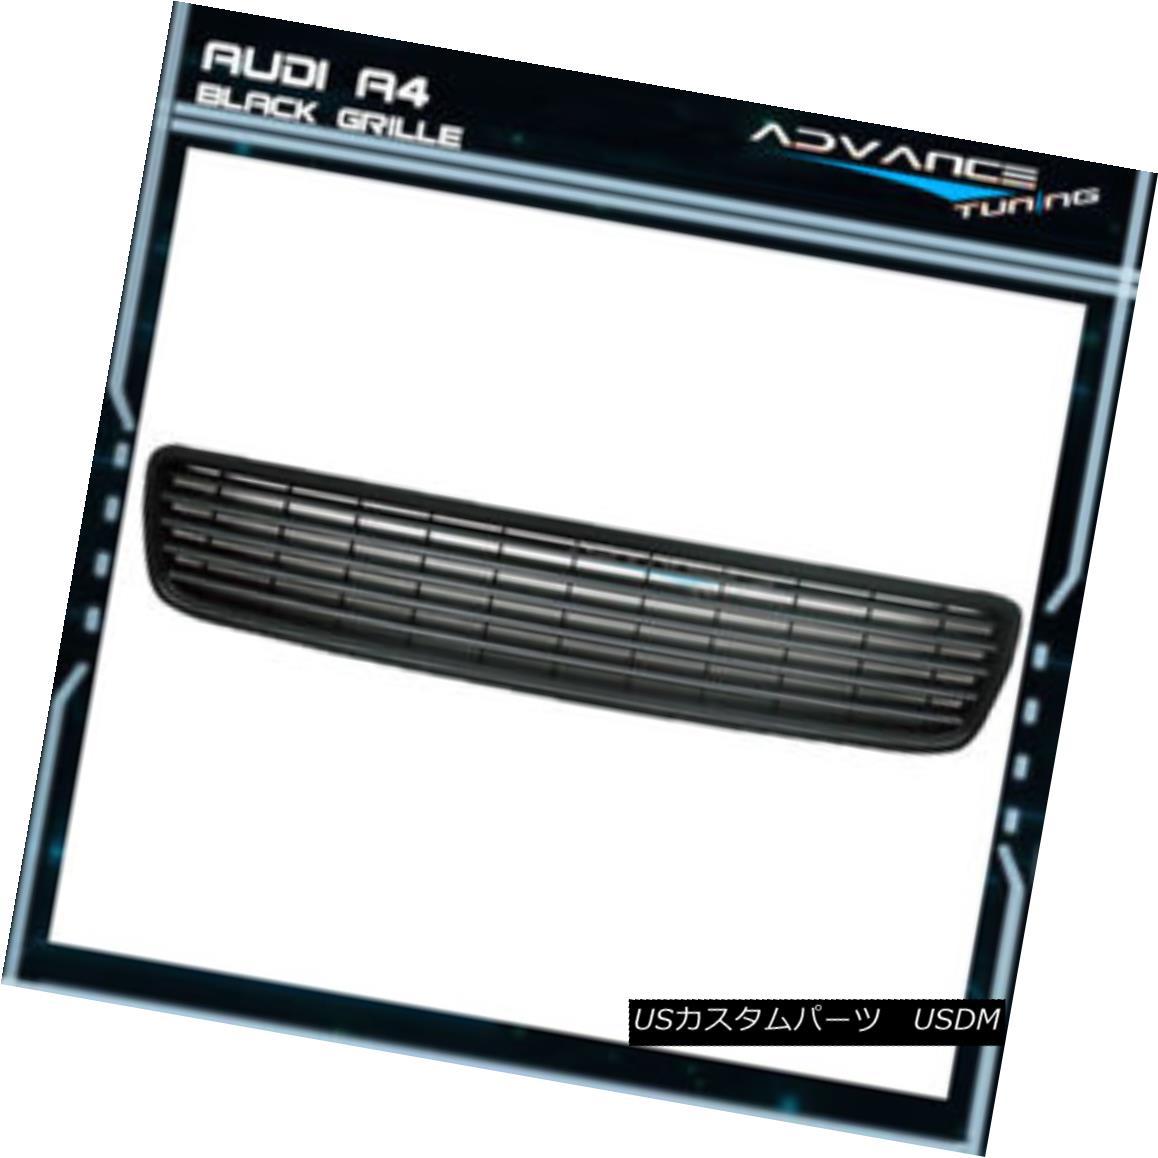 グリル Fits 96-01 Audi A4 Sport Black Front Upper Grille Grill Type A フィット96-01アウディA4スポーツブラックフロントアッパーグリルグリルタイプA